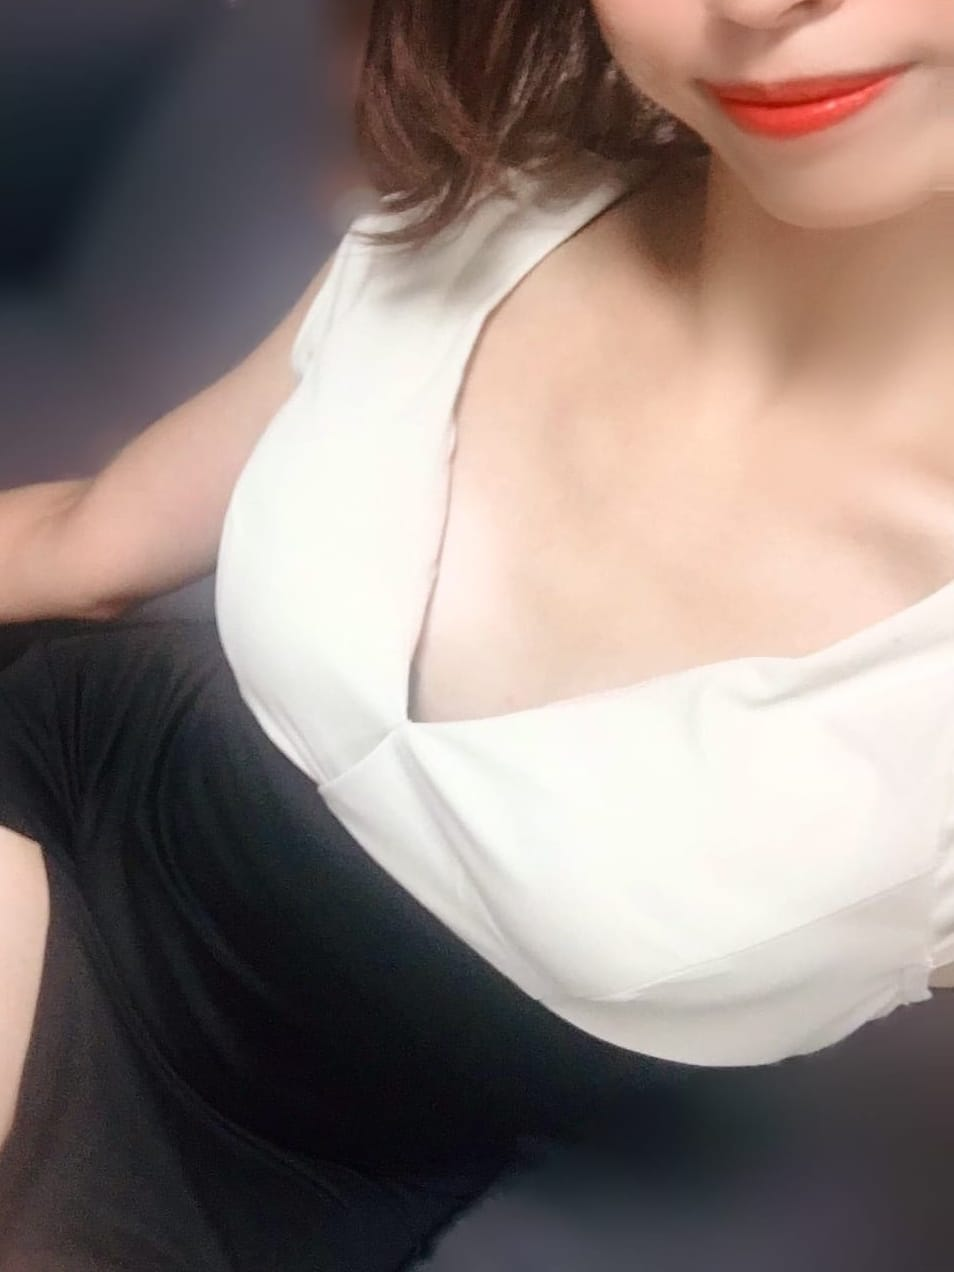 紫吹かな【清楚系セラピスト】 | 輝き(デリバリー)()